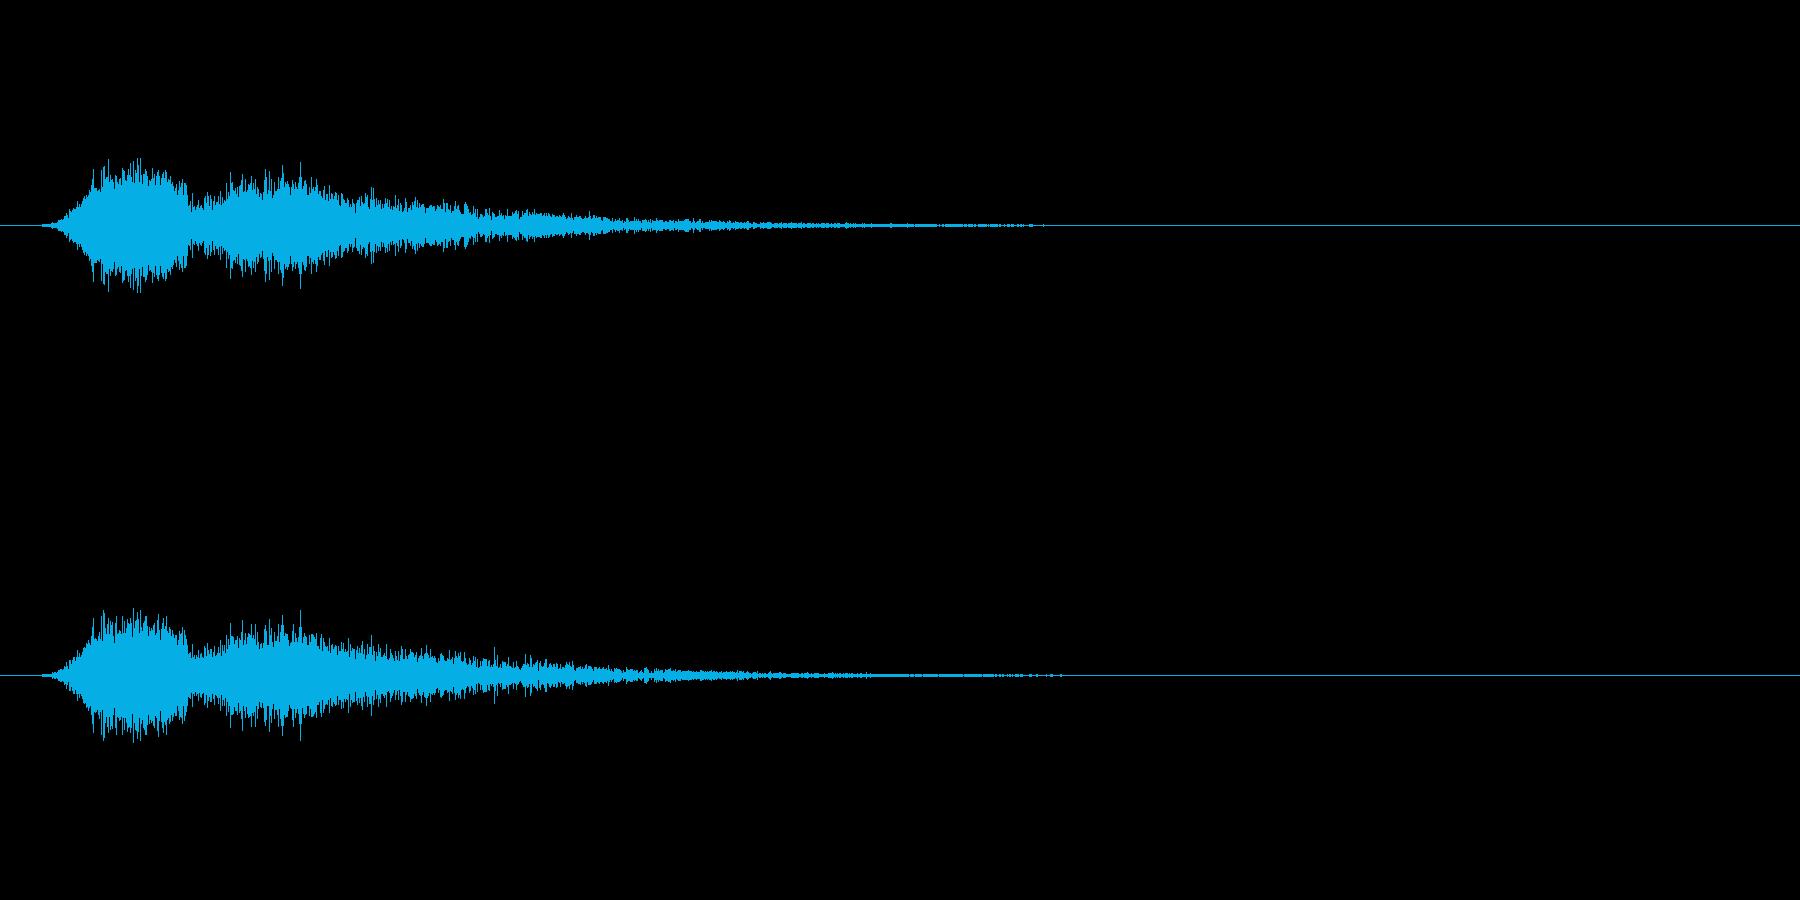 【ショートブリッジ25-2】の再生済みの波形